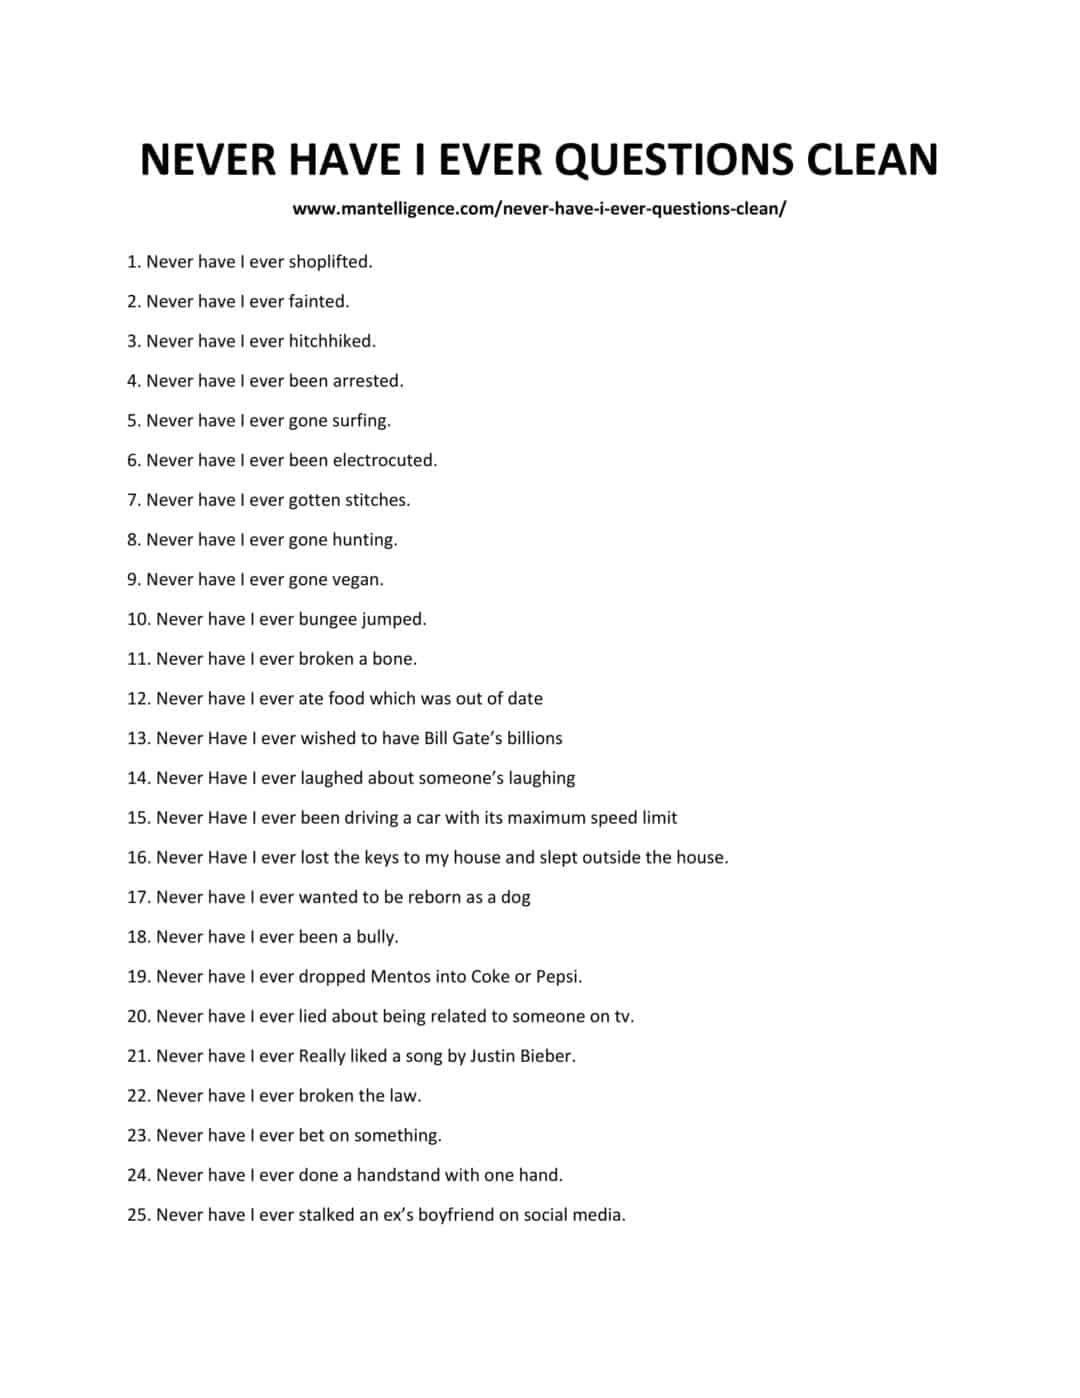 Photo of 116 Lo mejor Nunca he tenido preguntas claras: crea conversaciones divertidas.